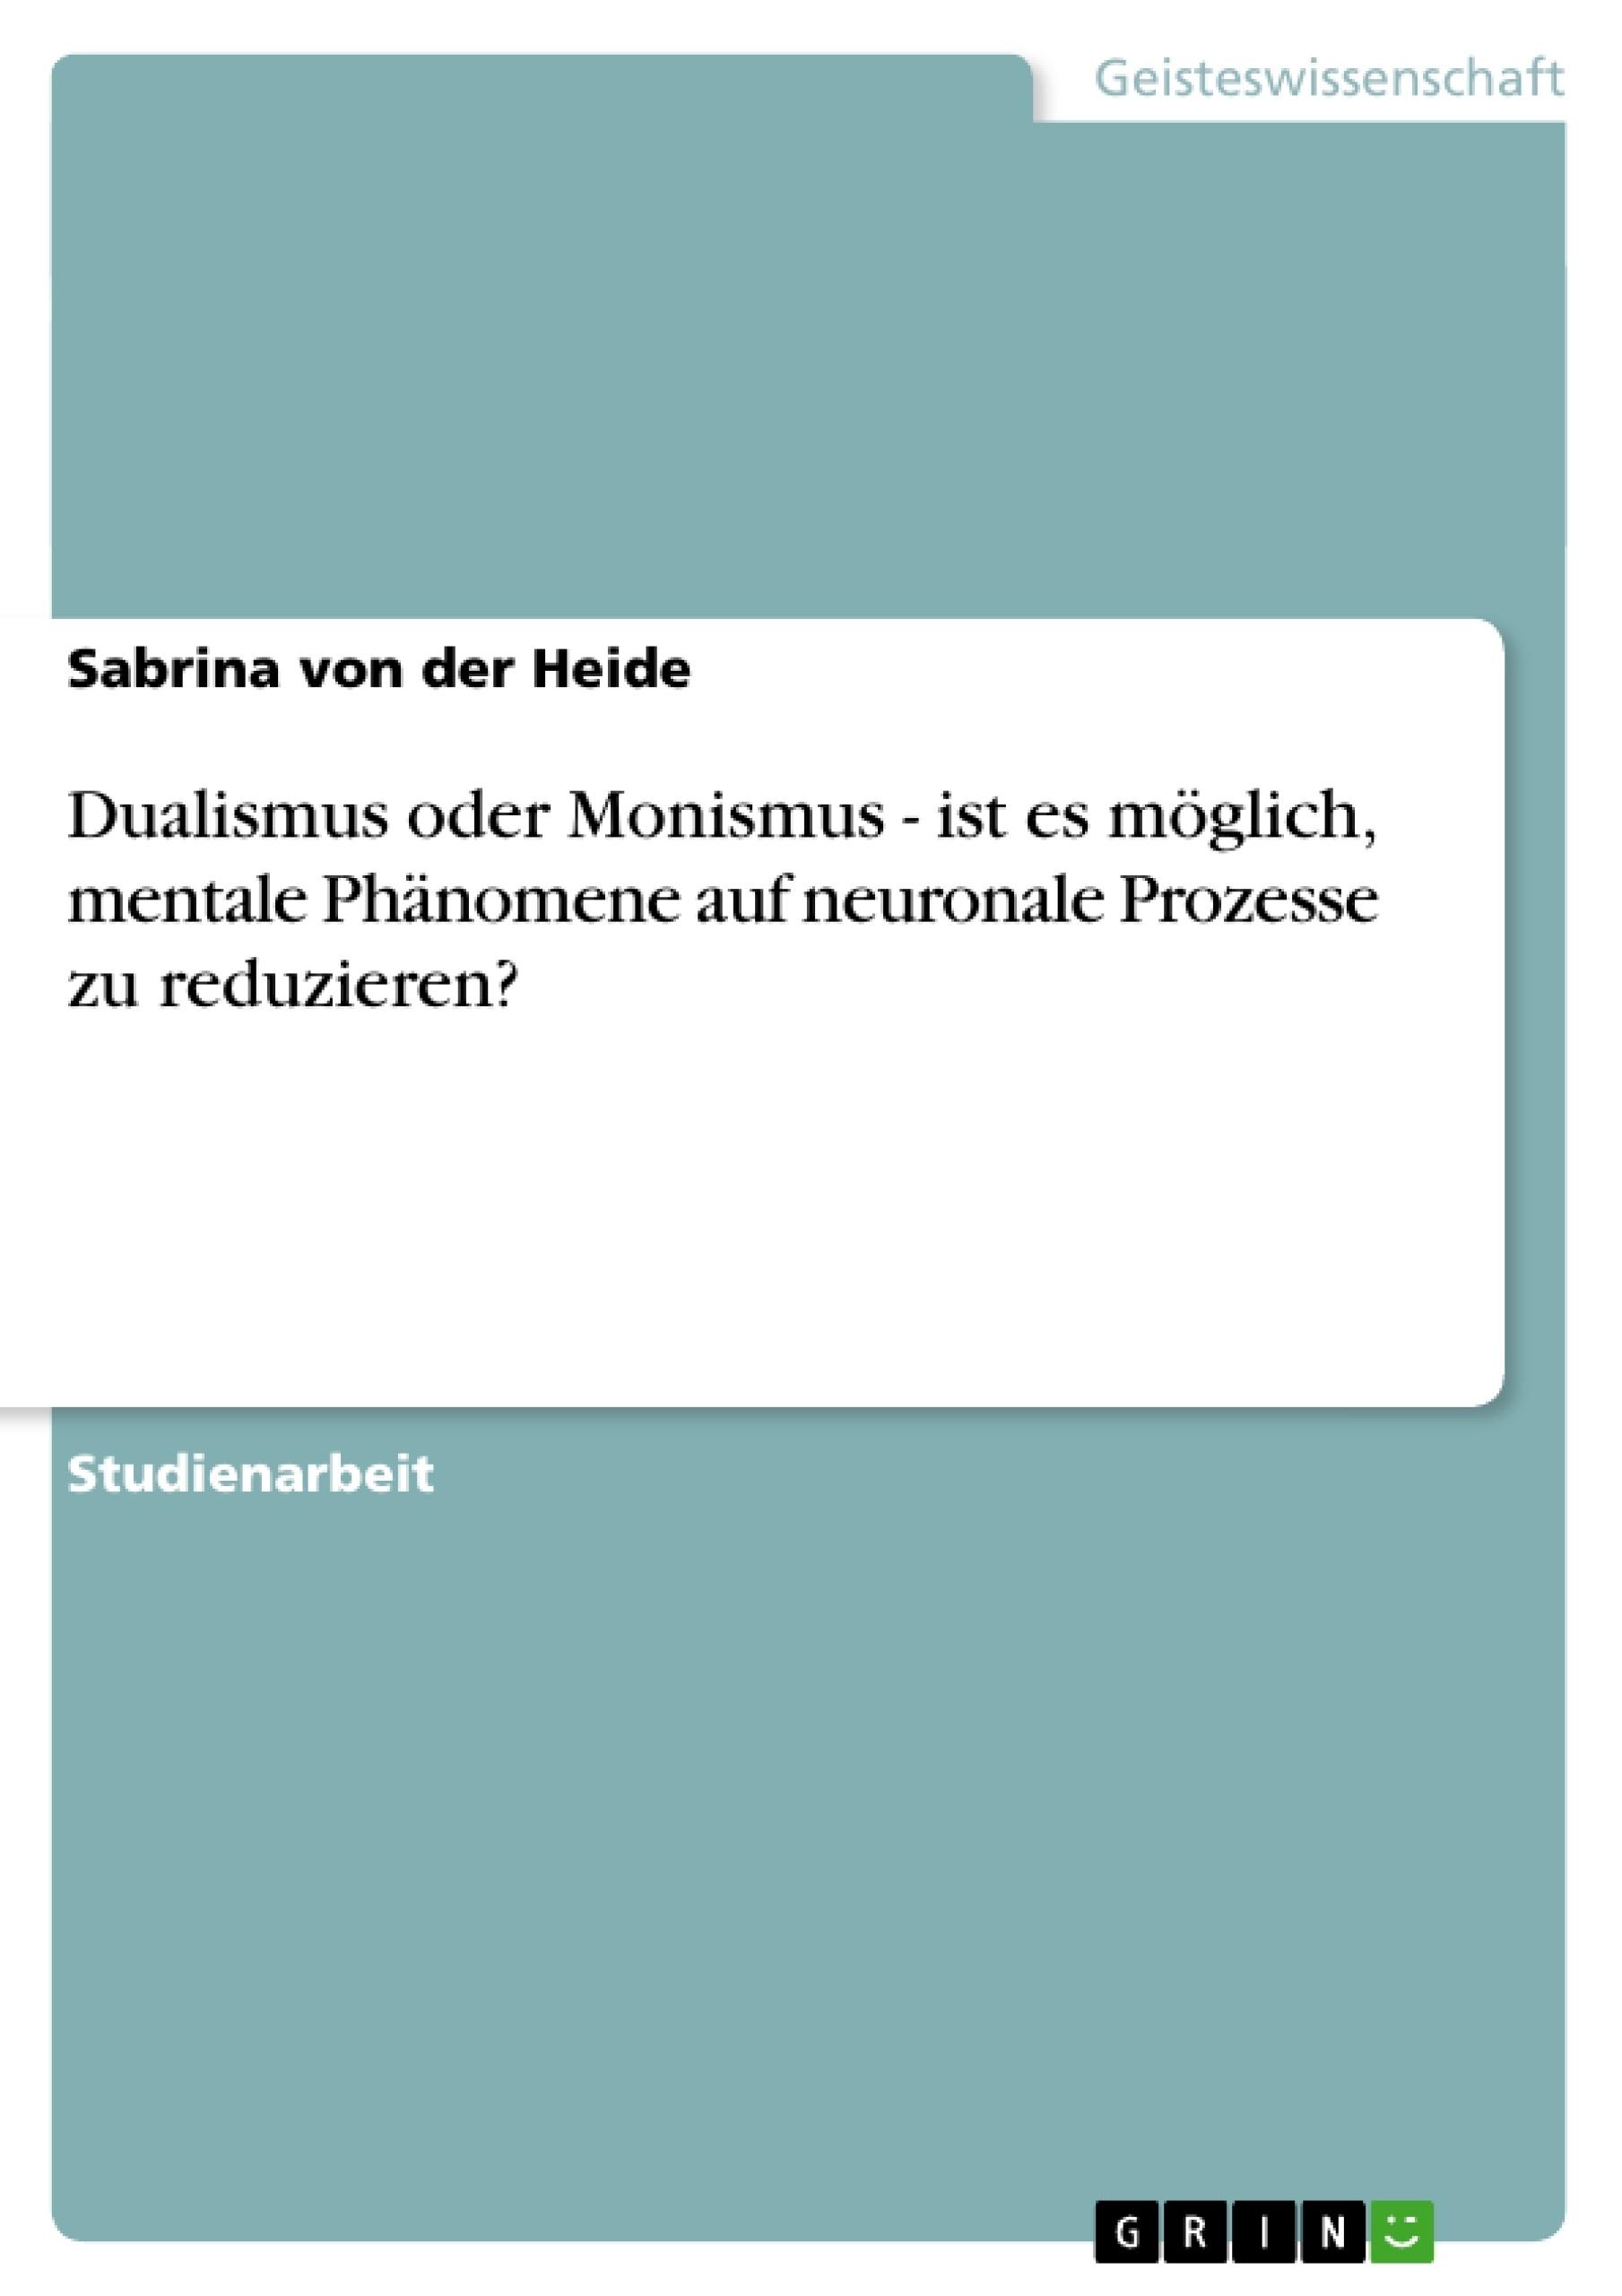 Titel: Dualismus oder Monismus - ist es möglich, mentale Phänomene auf neuronale Prozesse zu reduzieren?